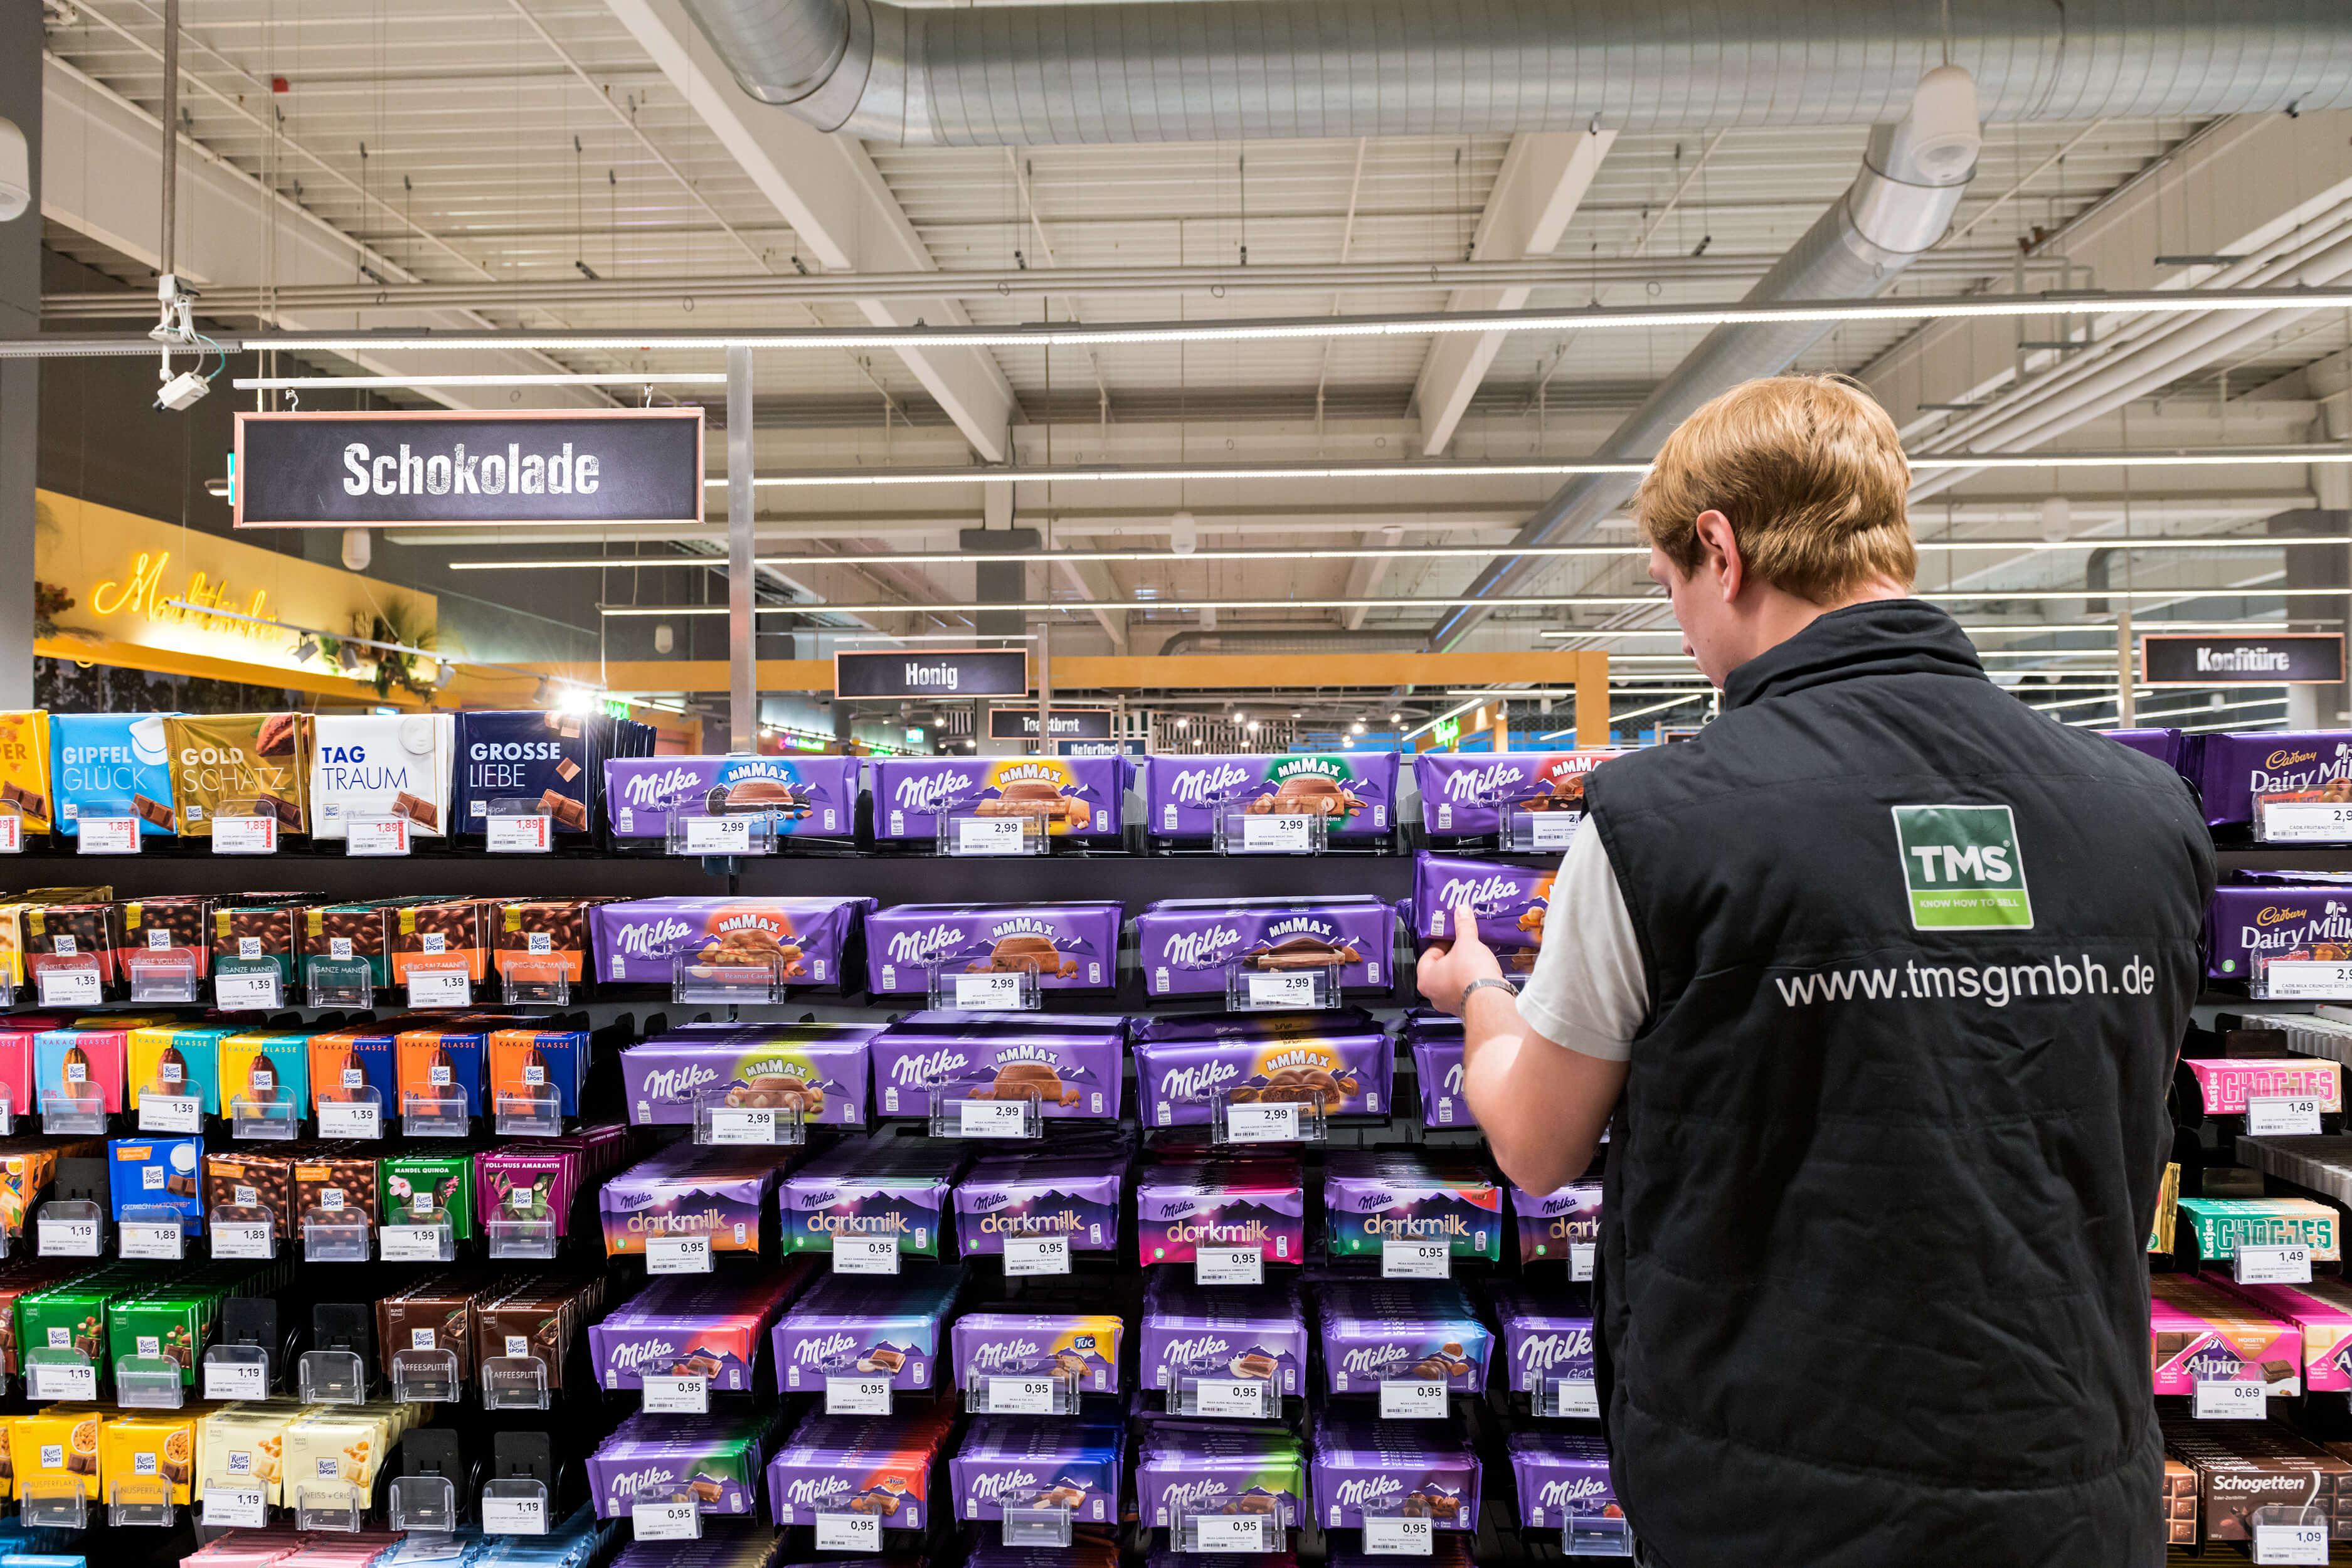 Mitarbeiter bei der Kontrolle der Lebensmittel im Supermarktregal